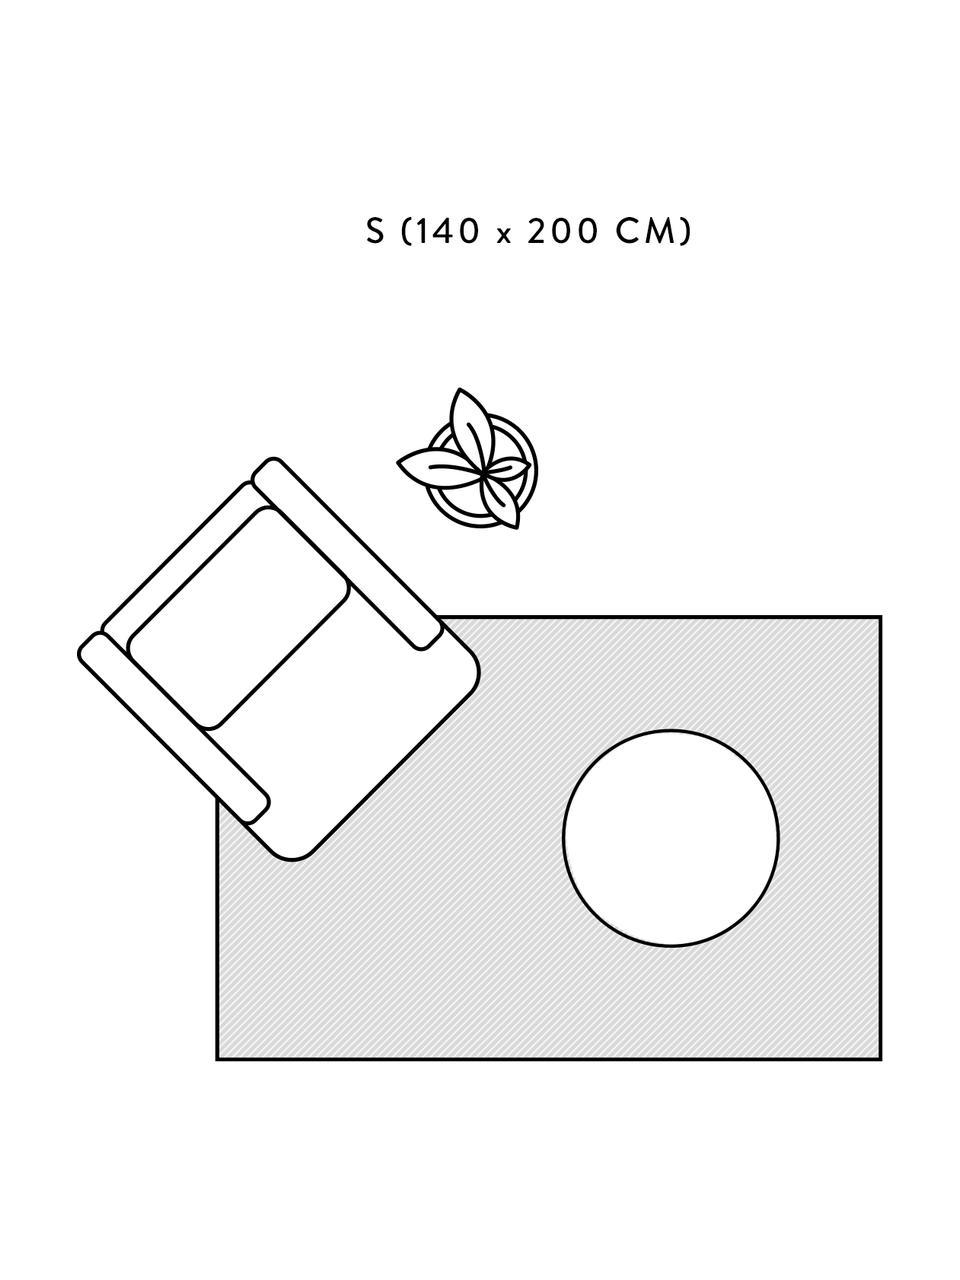 Handgefertigter Wendeteppich Duetto in Creme/Beige mit Muster, waschbar, Flor: 97% Baumwolle, 3% andere , Beige, B 140 x L 200 cm (Größe S)